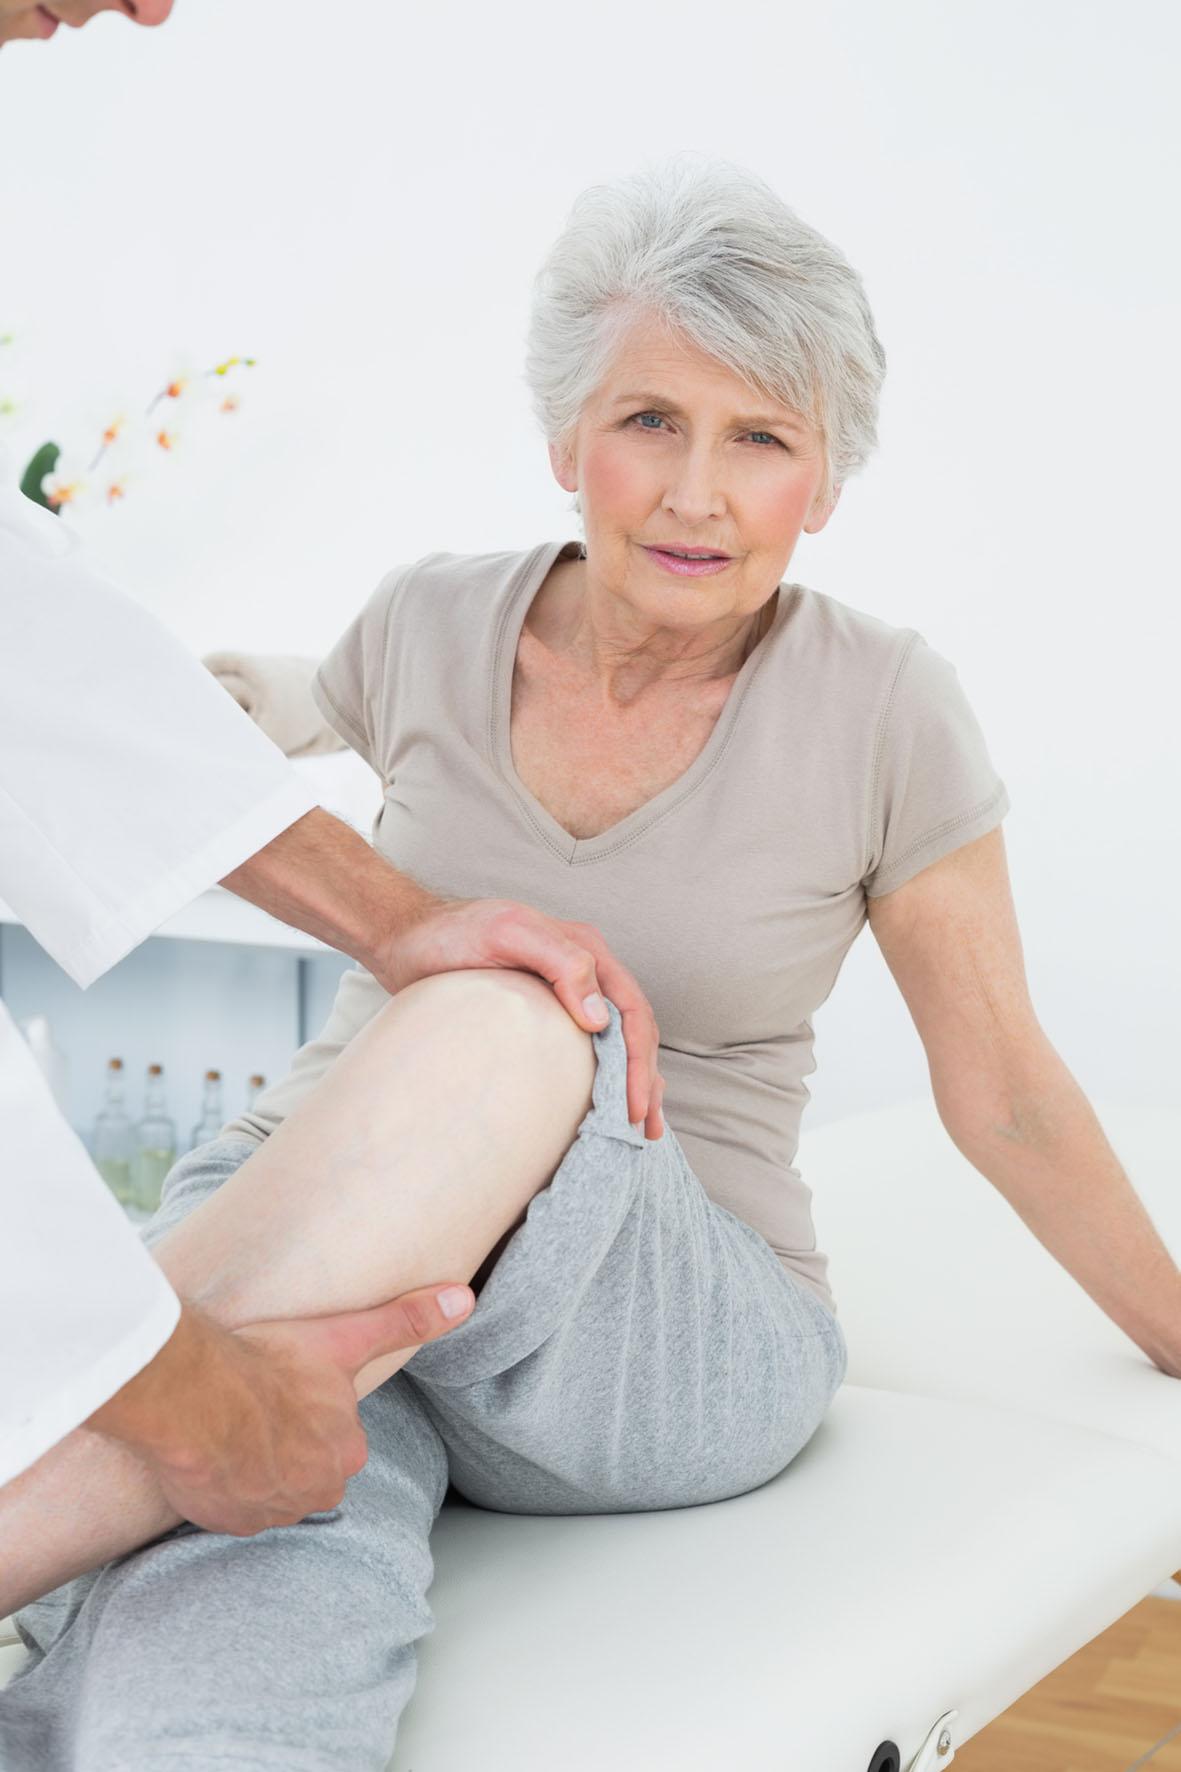 Schonung tut nicht gut. Schmerzende Gelenke müssen bewegt werden.